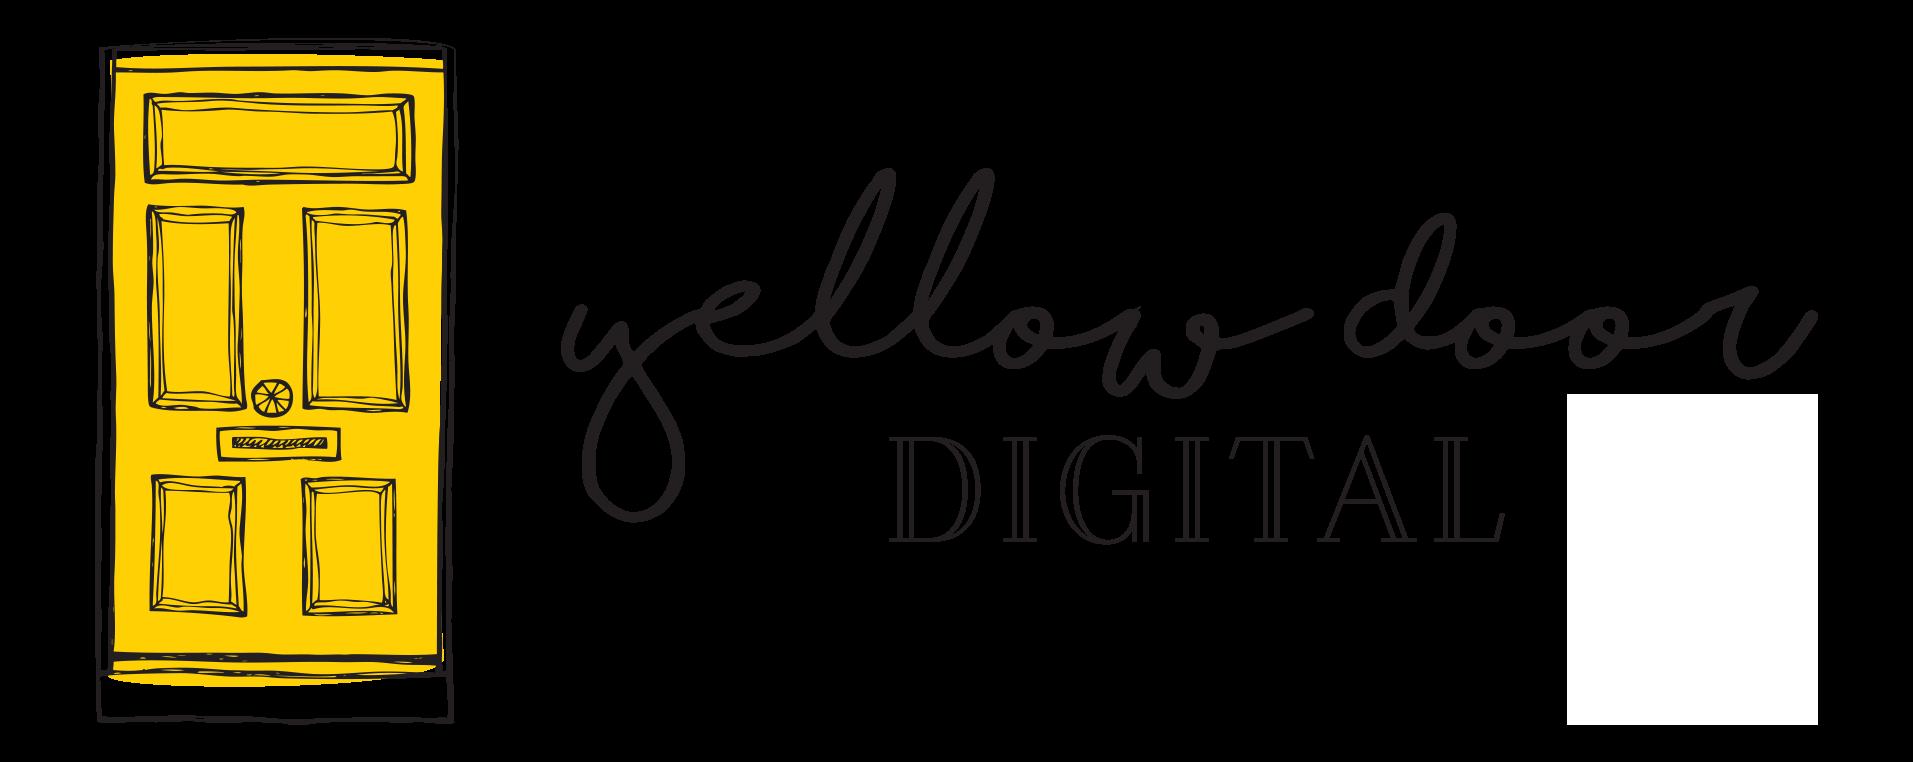 Yellow Door Digital logo.png